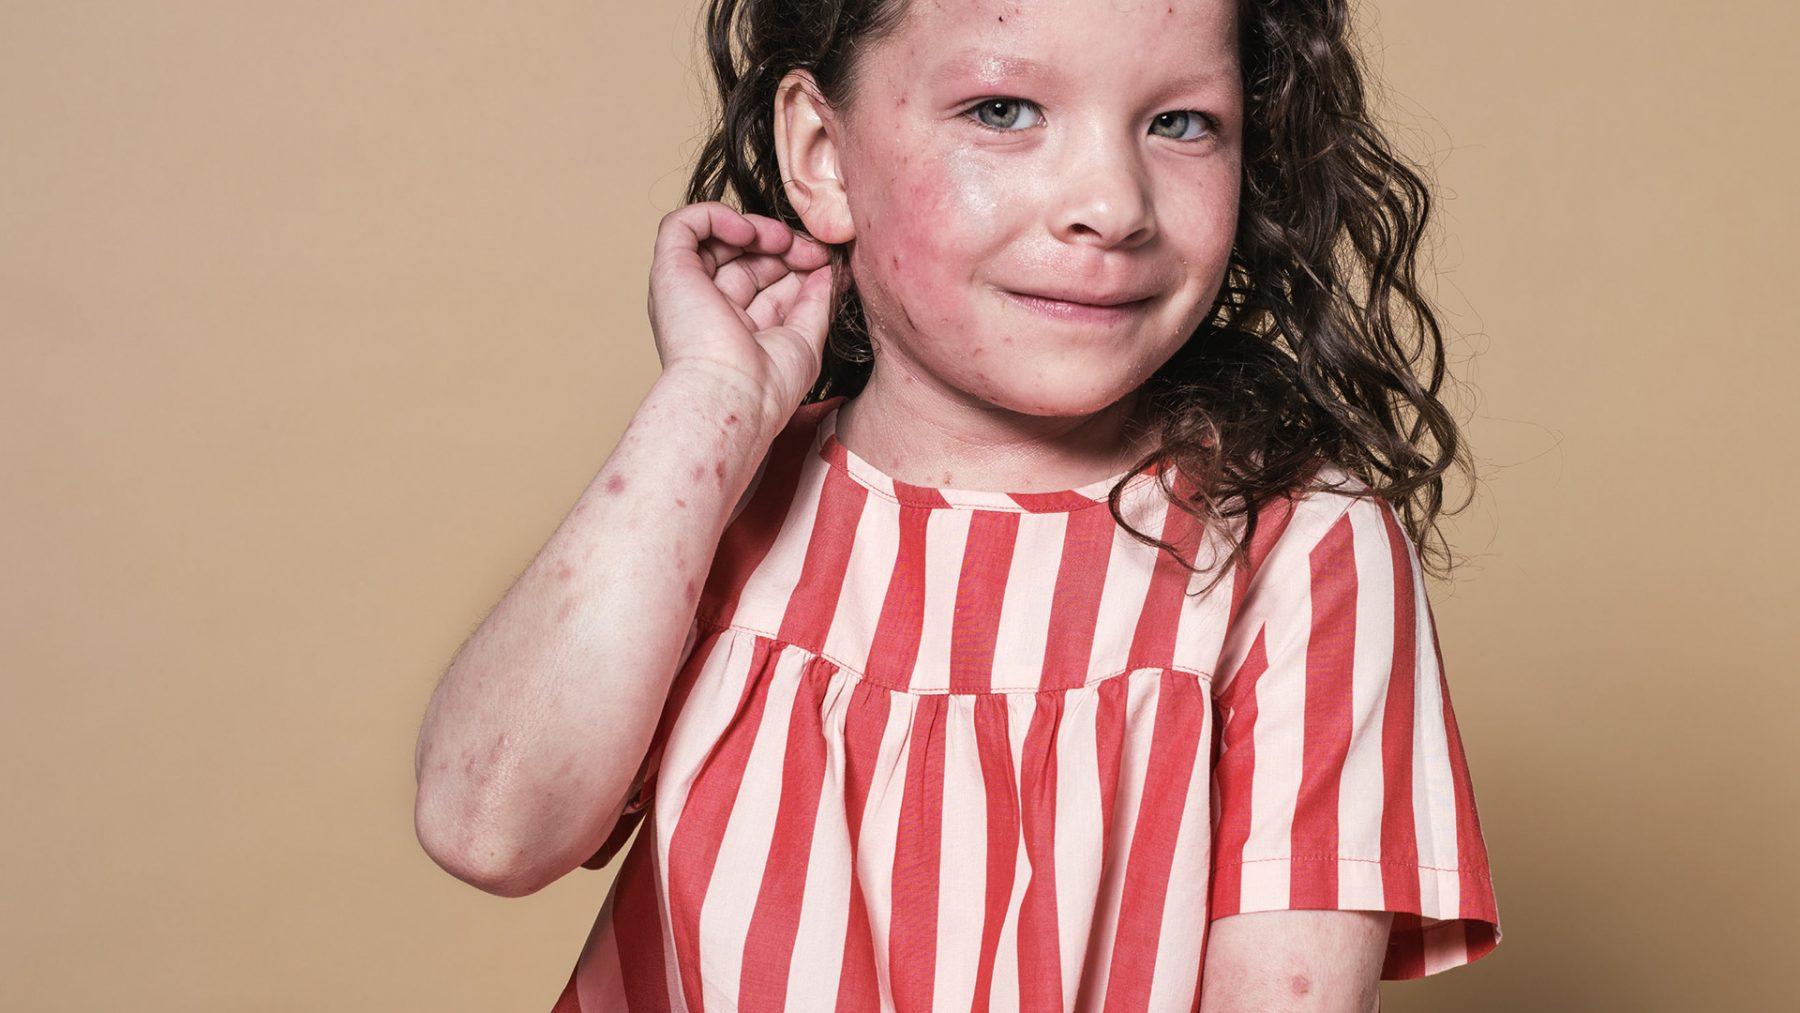 Elyssa (6)heeft eczeem: 'Ze verdraagt geen crèmes en gilt van de pijn'